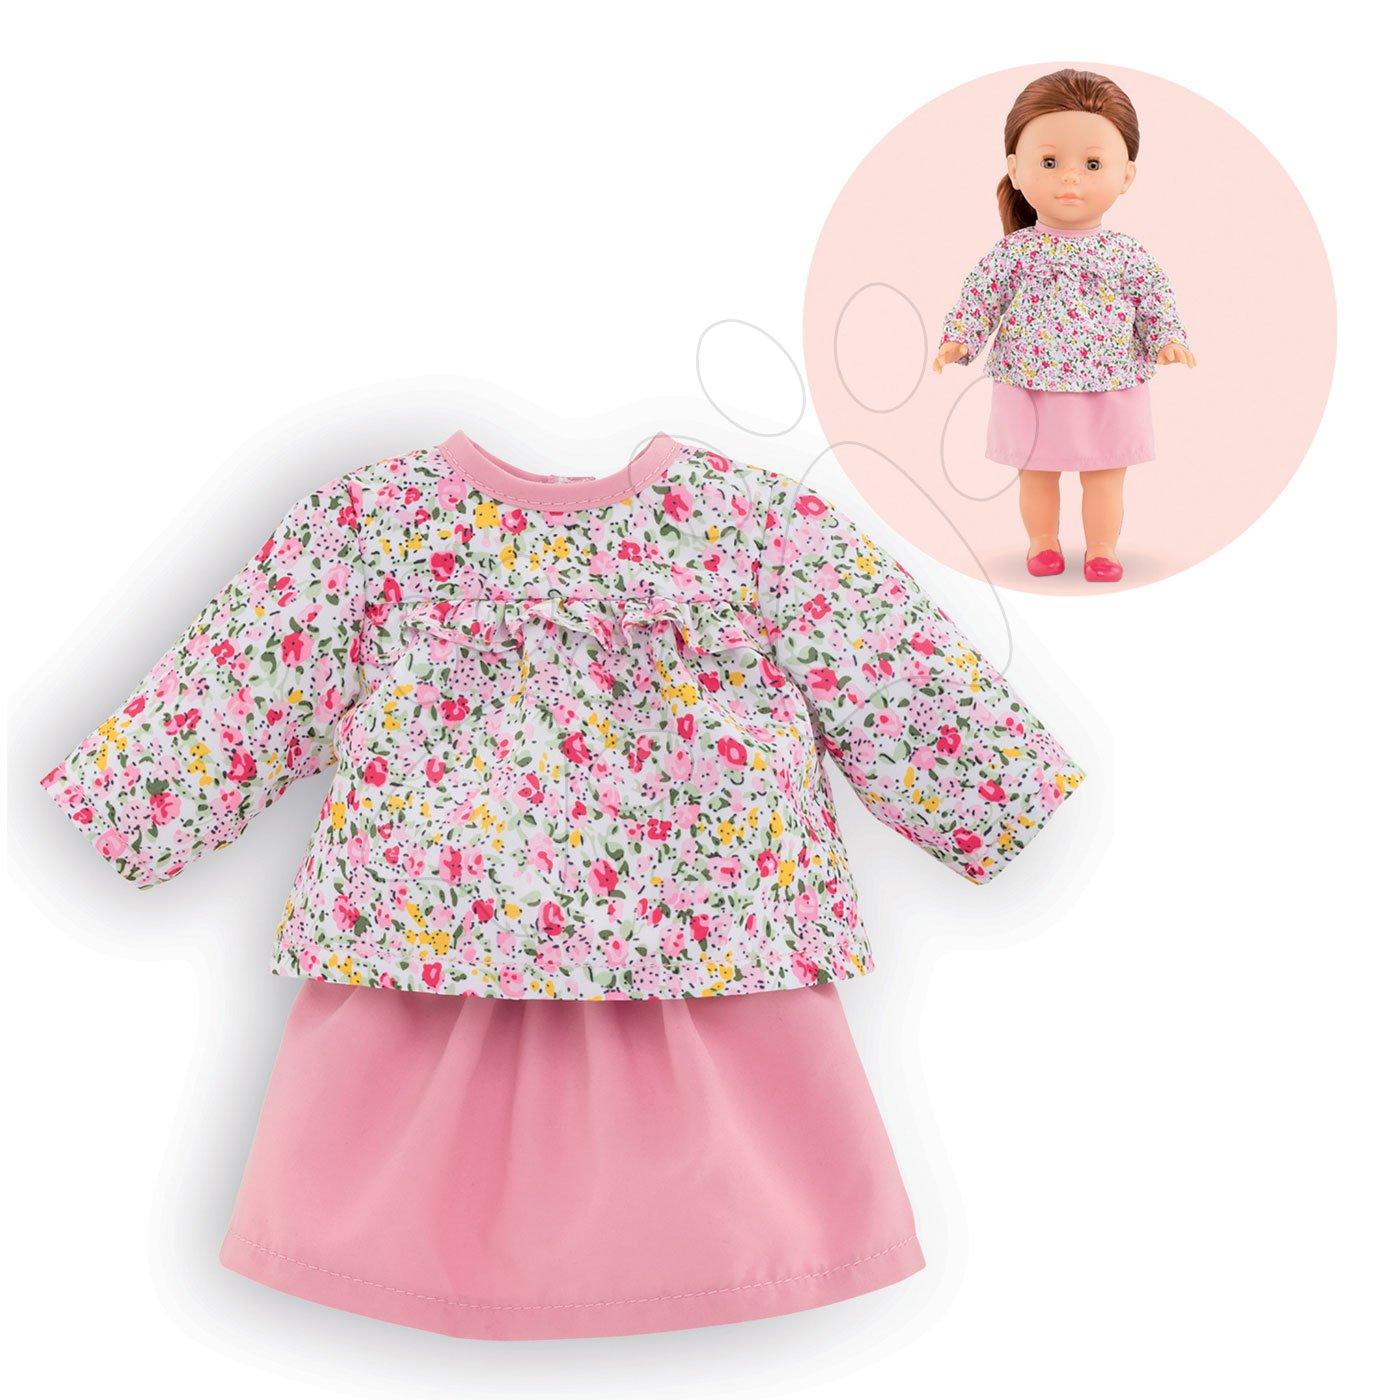 Oblečenie Top&Skirt set Ma Corolle pre 36 cm bábiku od 4 rokov